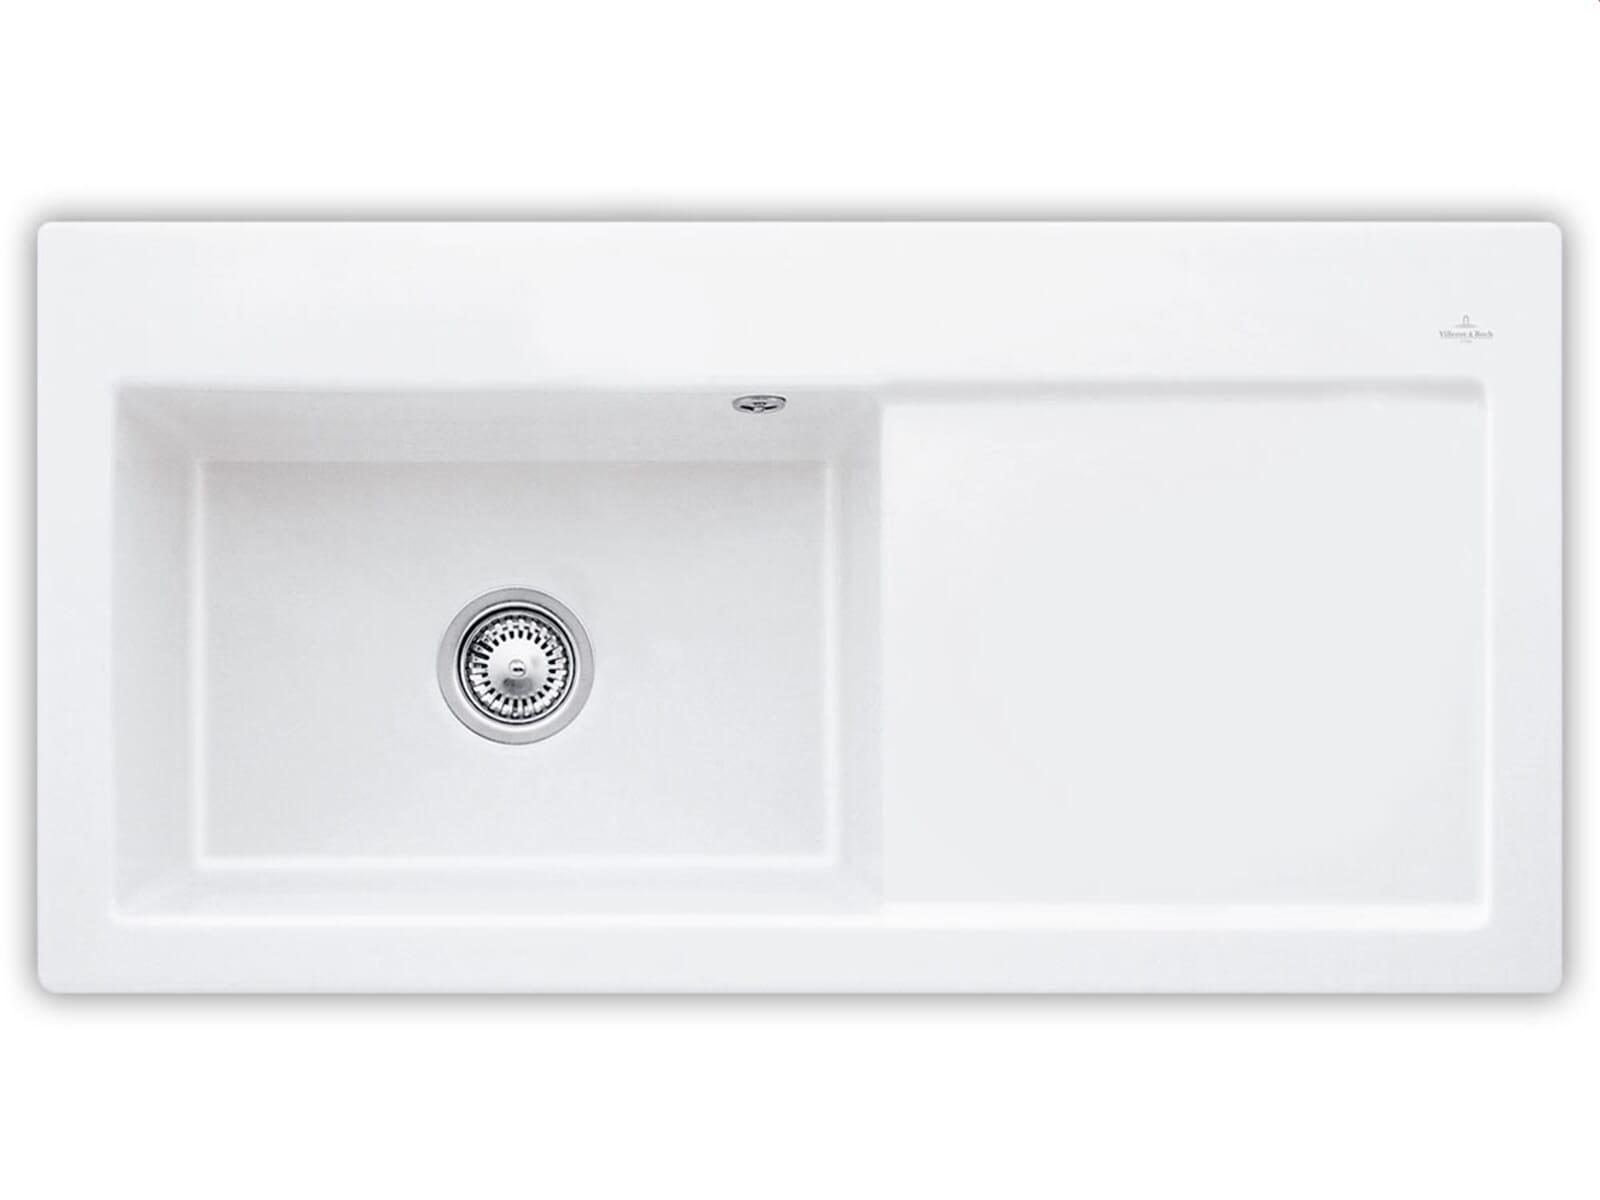 Villeroy & Boch Subway 60 XL Weiß (alpin) - 6718 01 R1 Keramikspüle Handbetätigung